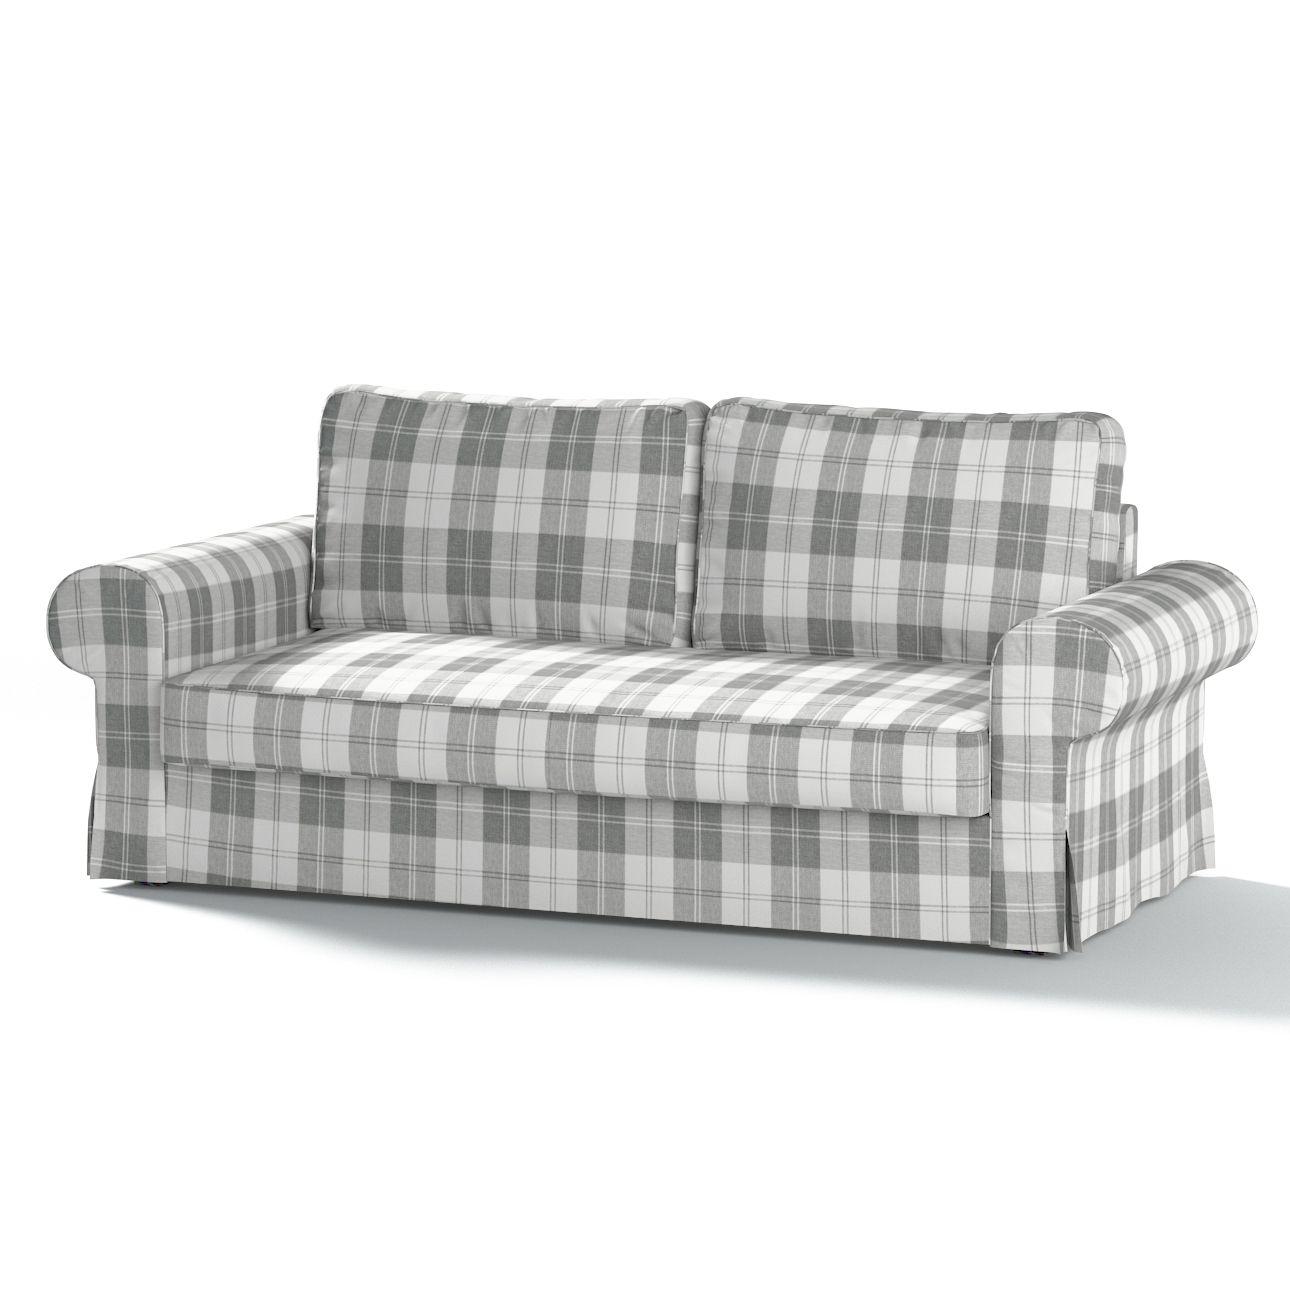 Full Size of Backabro 3 Sitzer Sofabezug Ausklappbar Sofa 2 Himolla Kaufen Günstig Ausziehbar überzug Leder U Form Xxl Garnitur Teilig Grau Impressionen Polsterreiniger Sofa Sofa Hussen